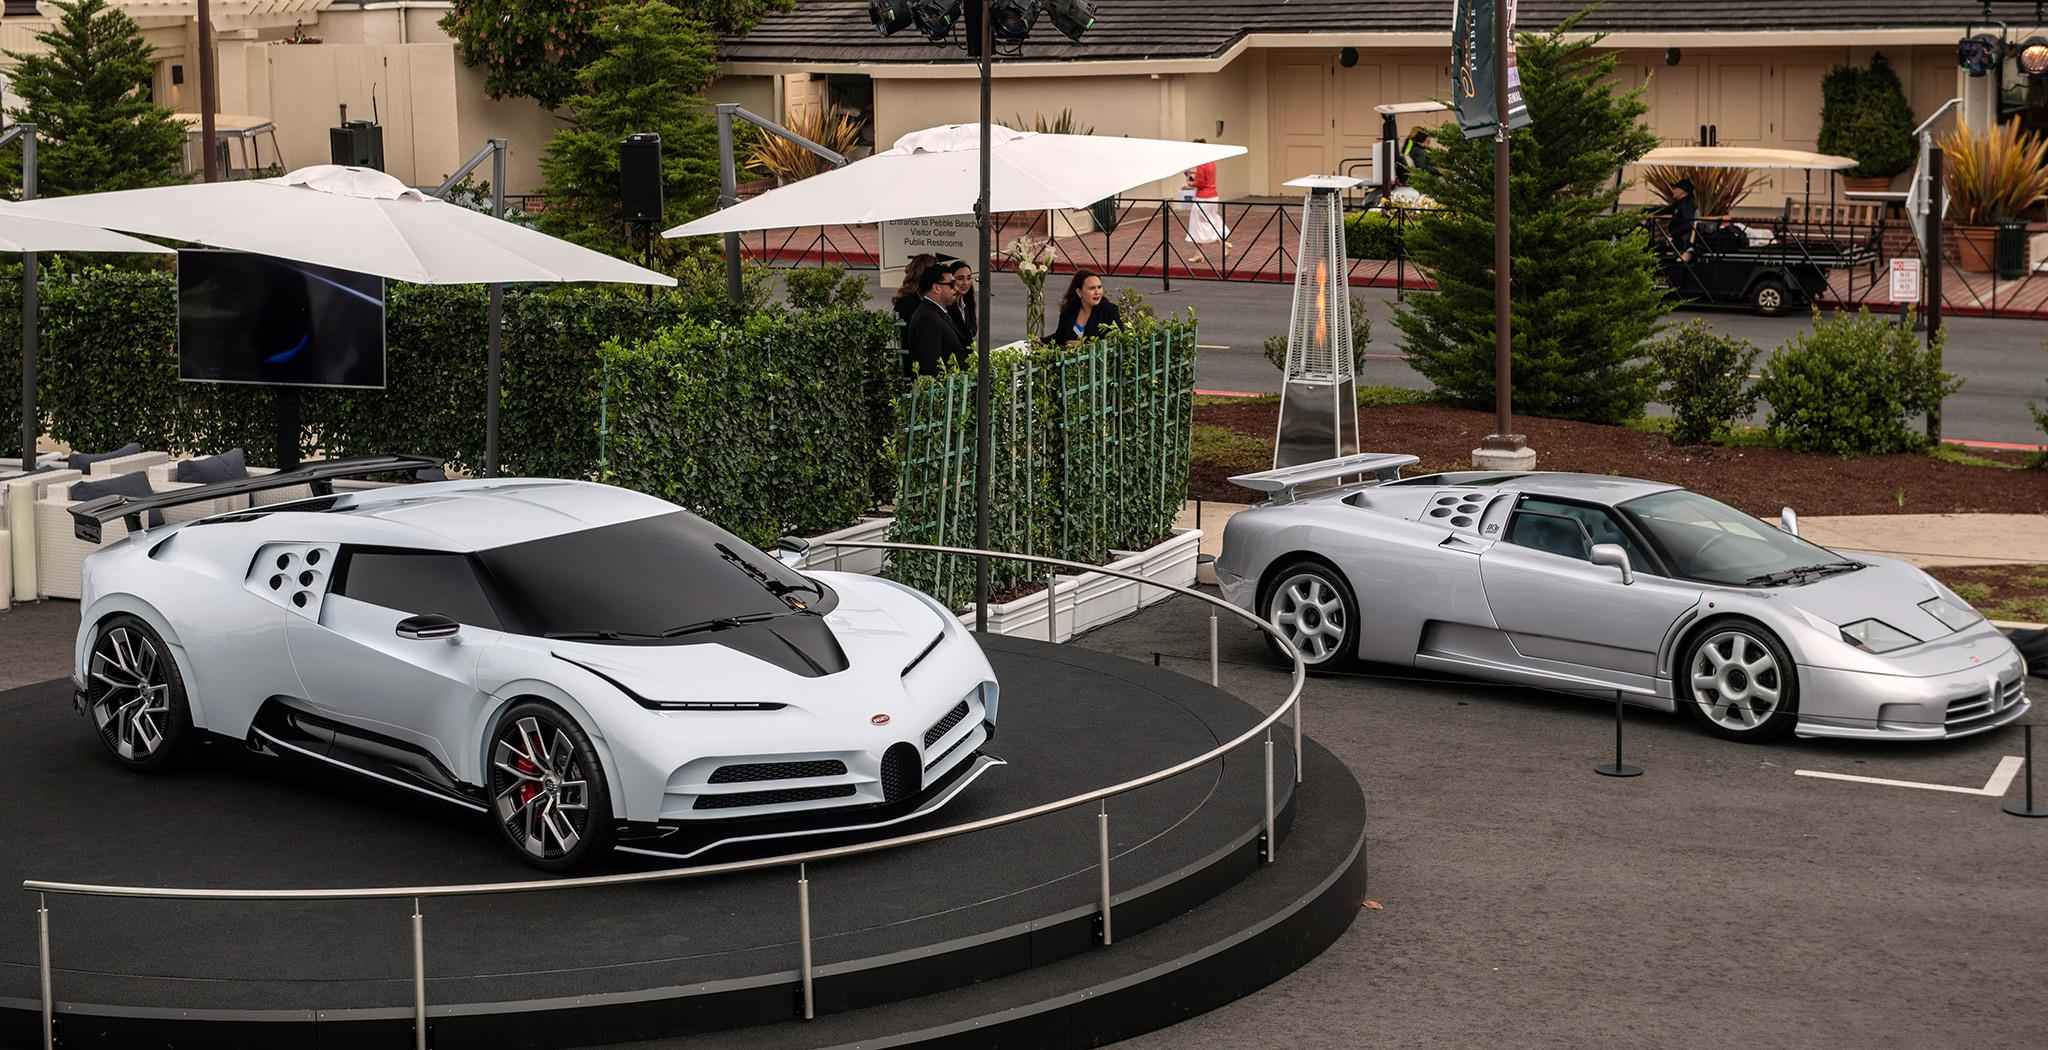 2019-bugatti-centodieci-debut-25.jpg